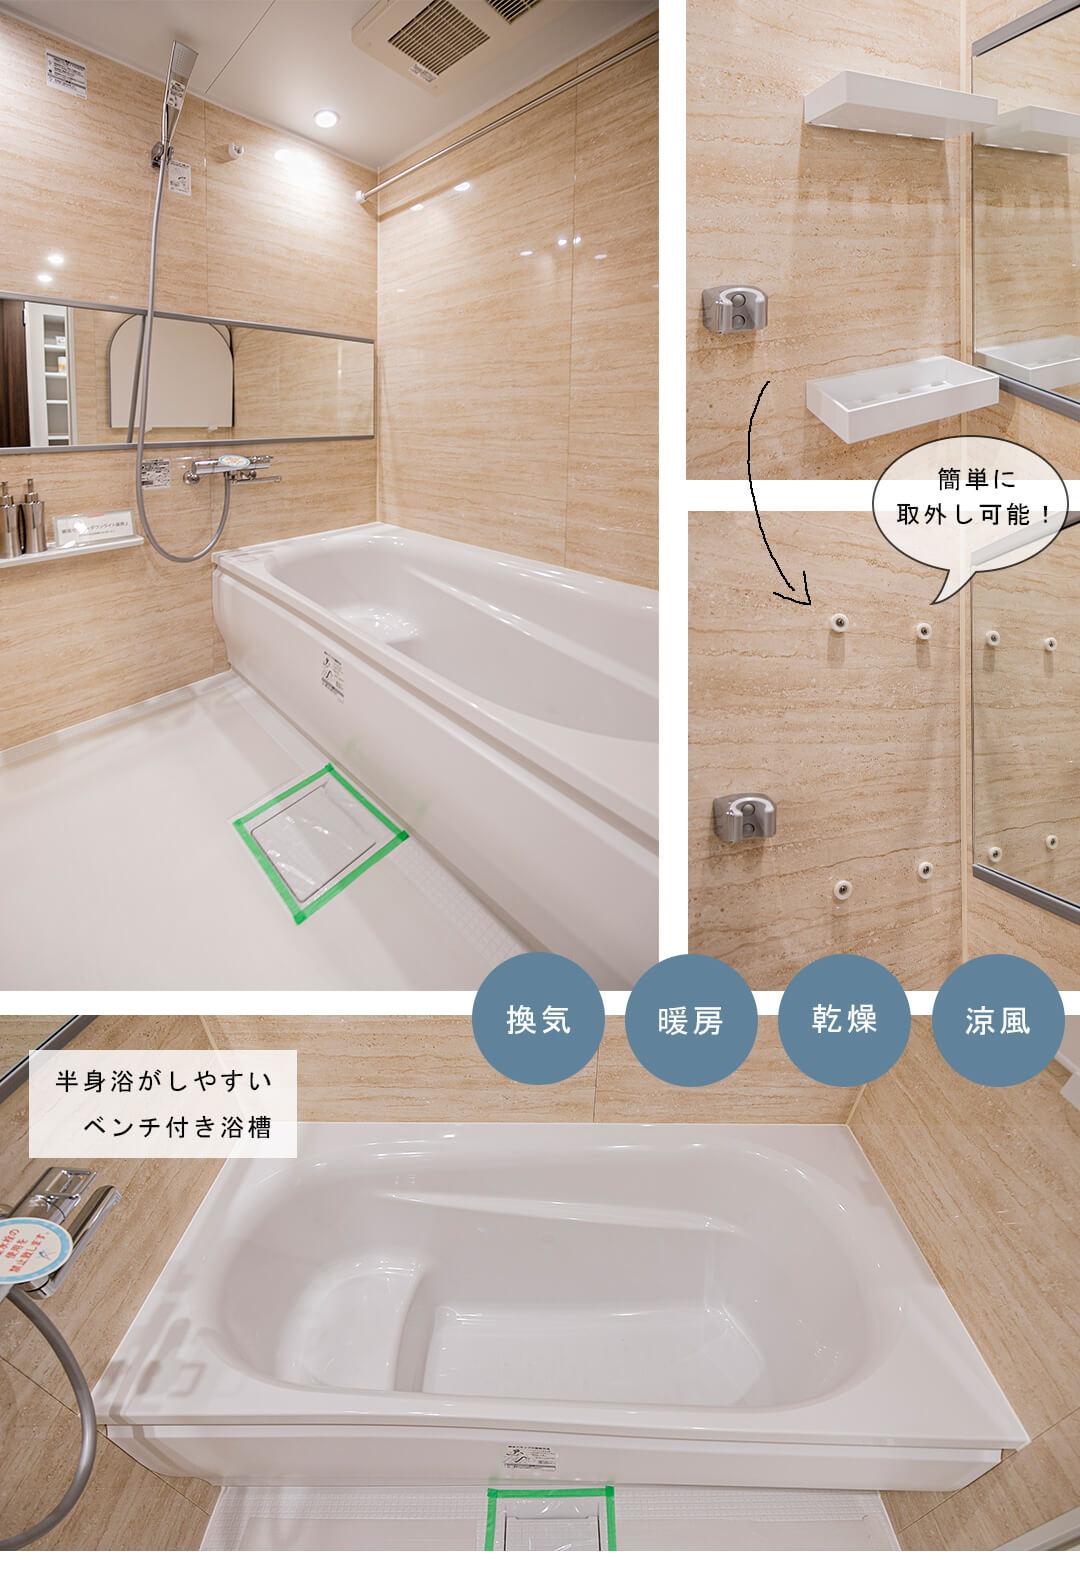 ブロードウェイの浴室